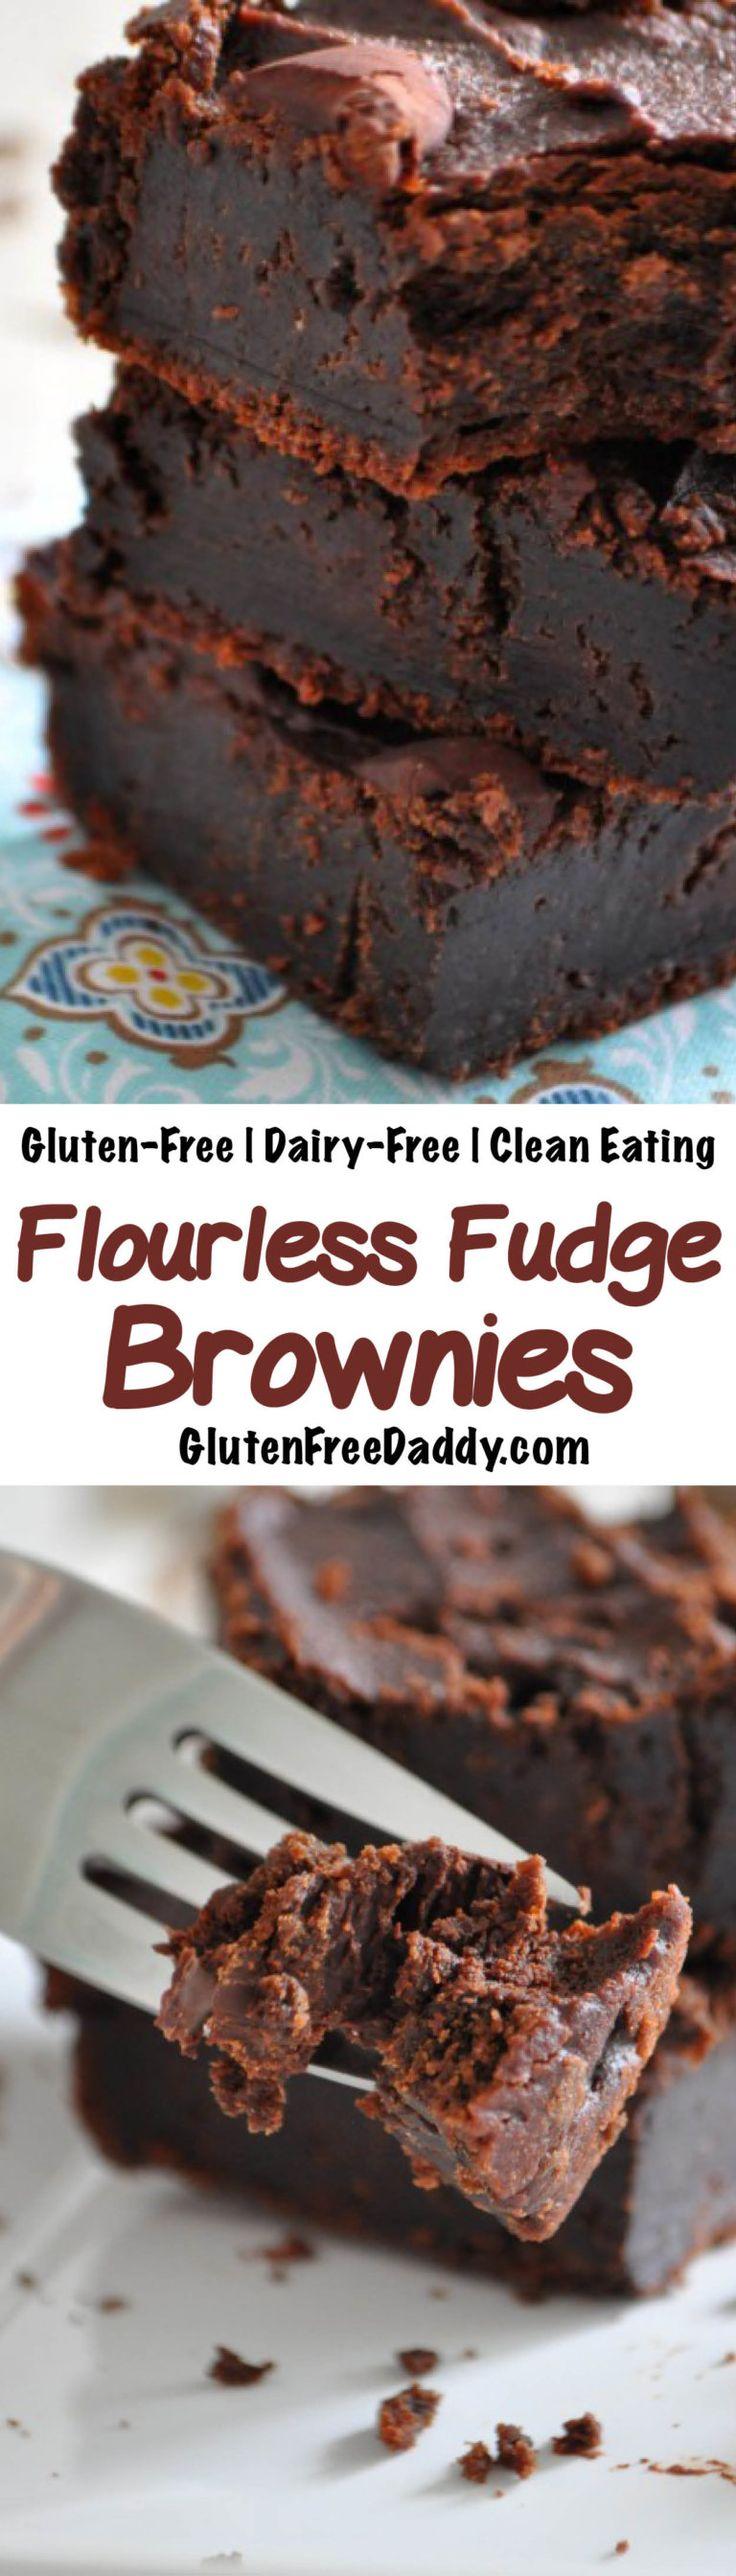 Gluten-Free Flourless Brownies